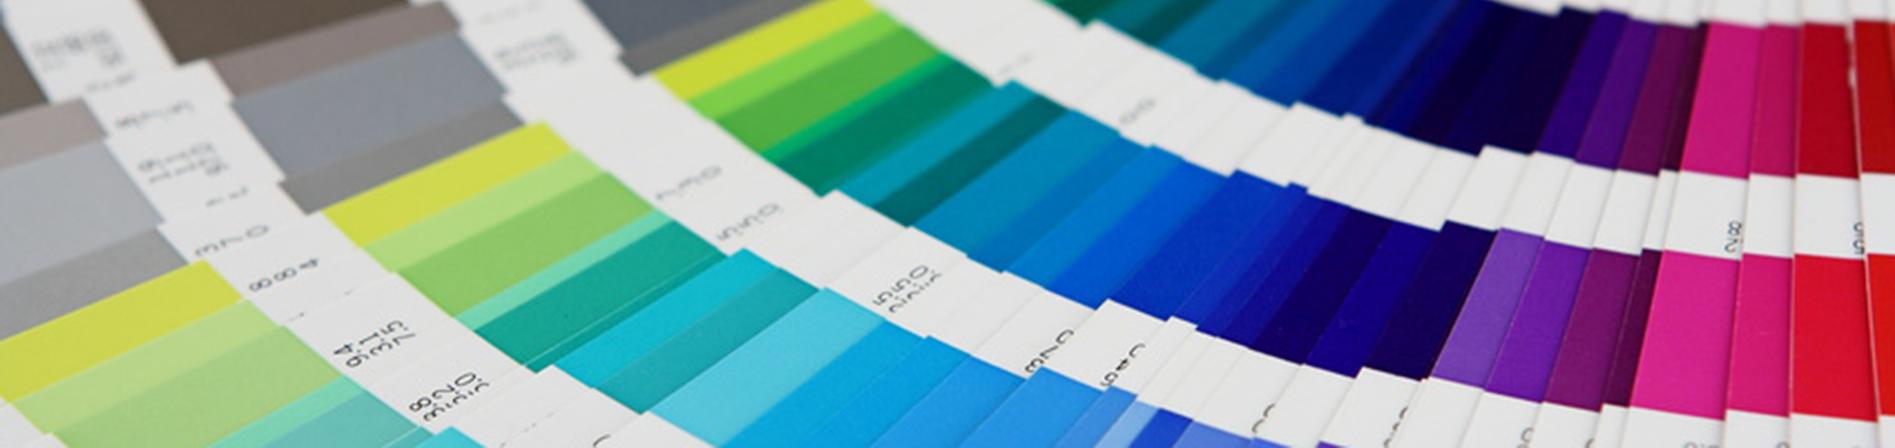 Grafikdesign Bielefeld Farbfächer